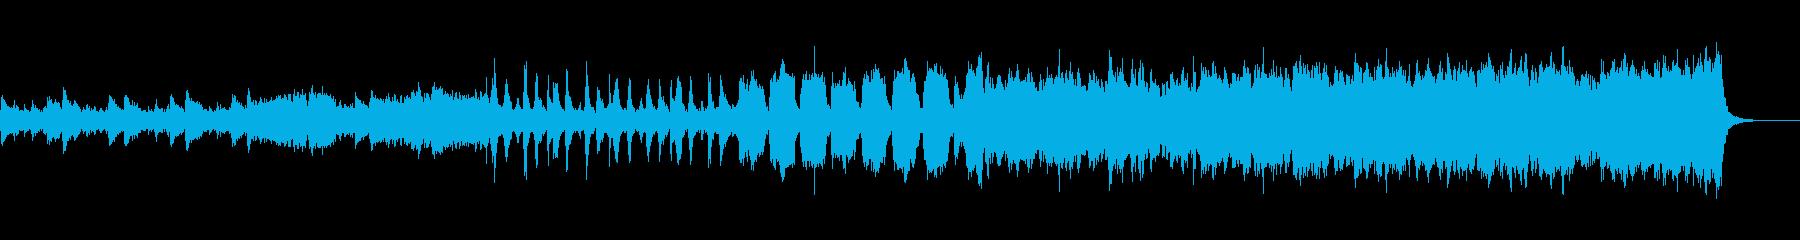 SFアクション風オーケストラの再生済みの波形